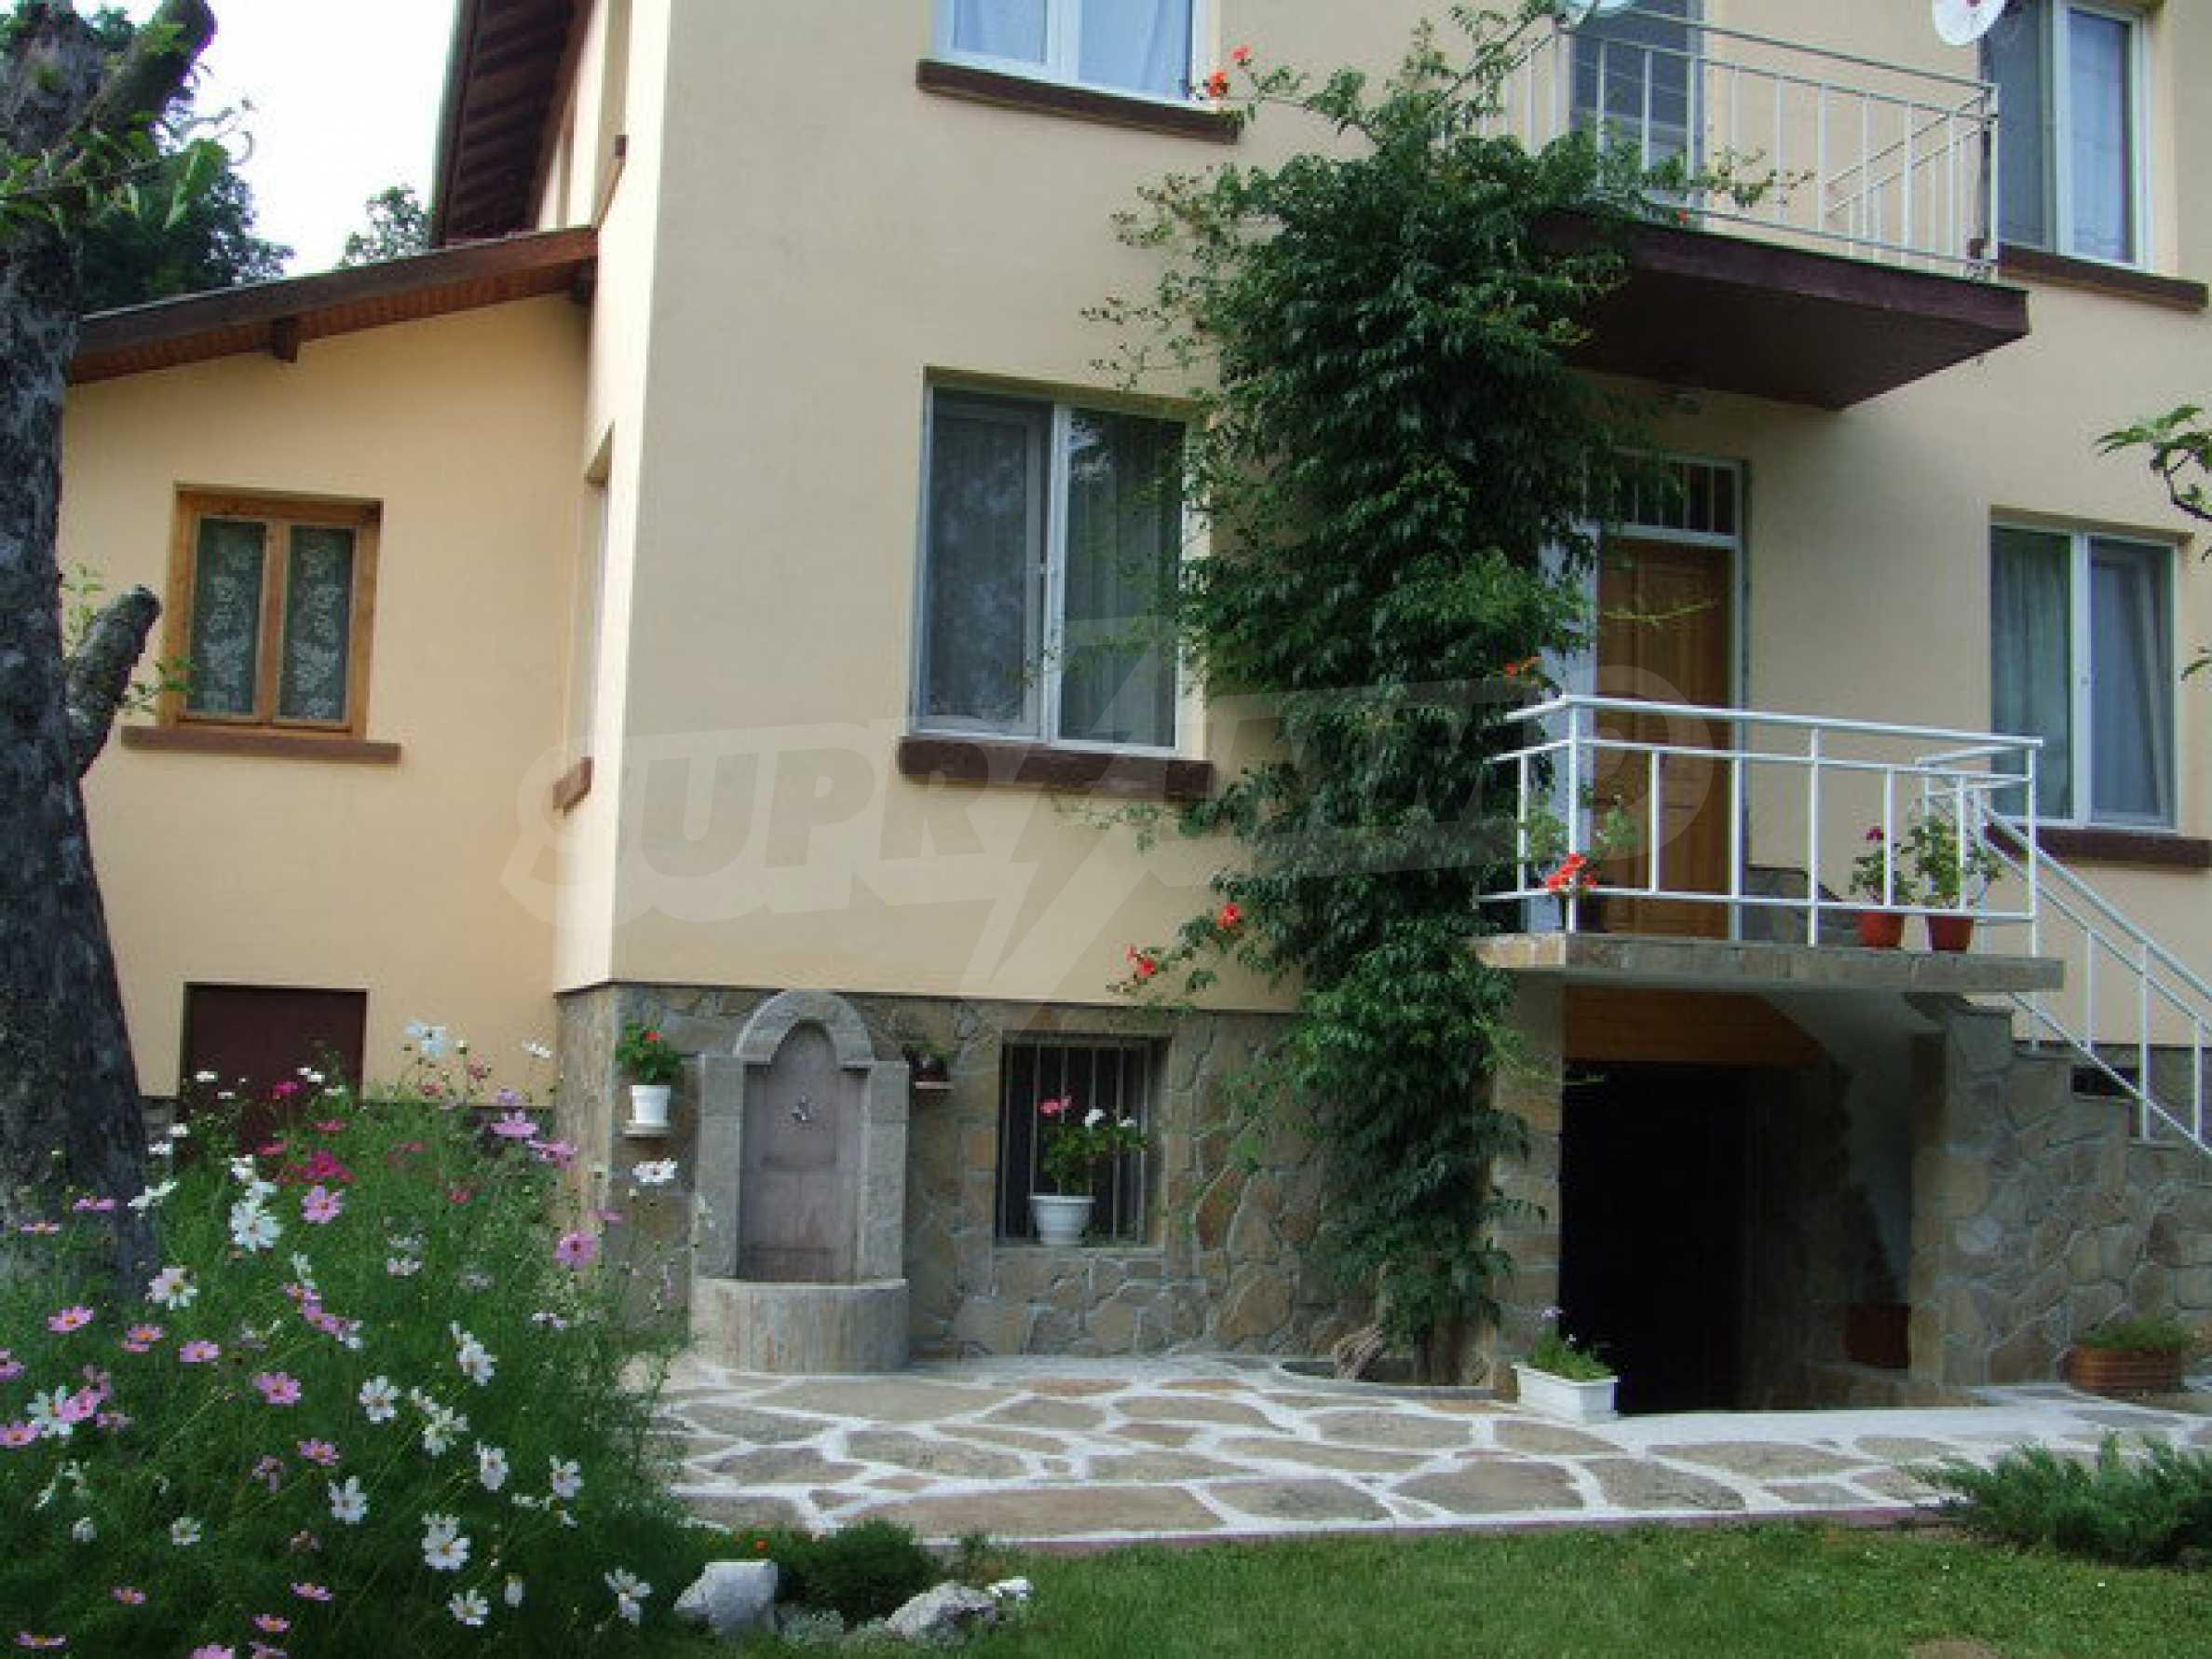 Voll möblierte und ausgestattete Etage eines Hauses mit Garten in einem Dorf 8 km. aus Trjawna 1